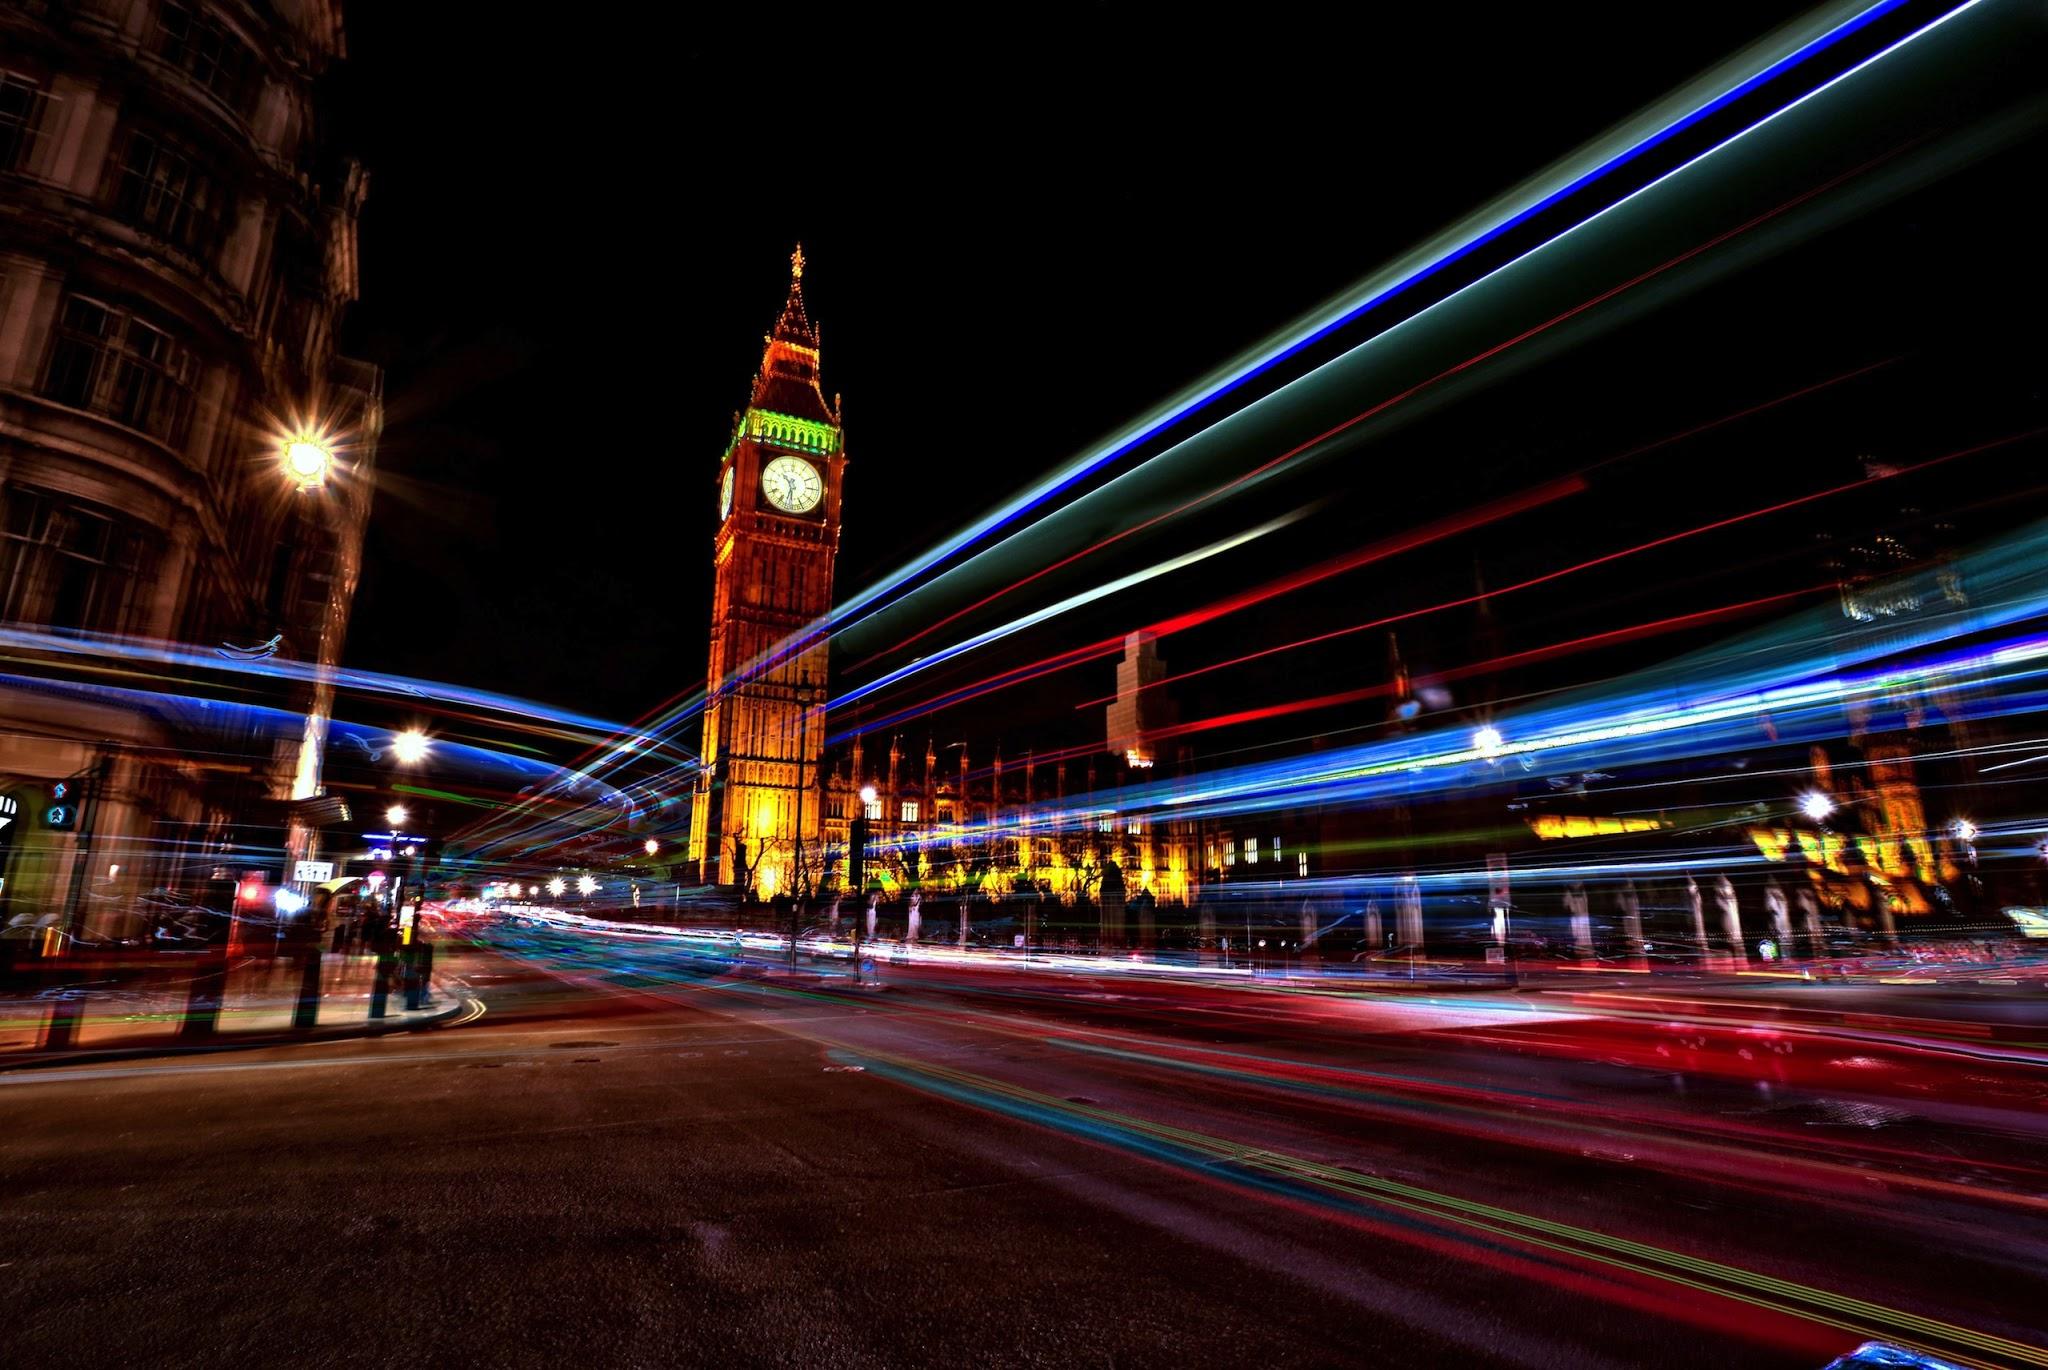 美しい夜景の壁紙まとめ 高画質2560px Idea Web Tools 自動車とテクノロジーのニュースブログ